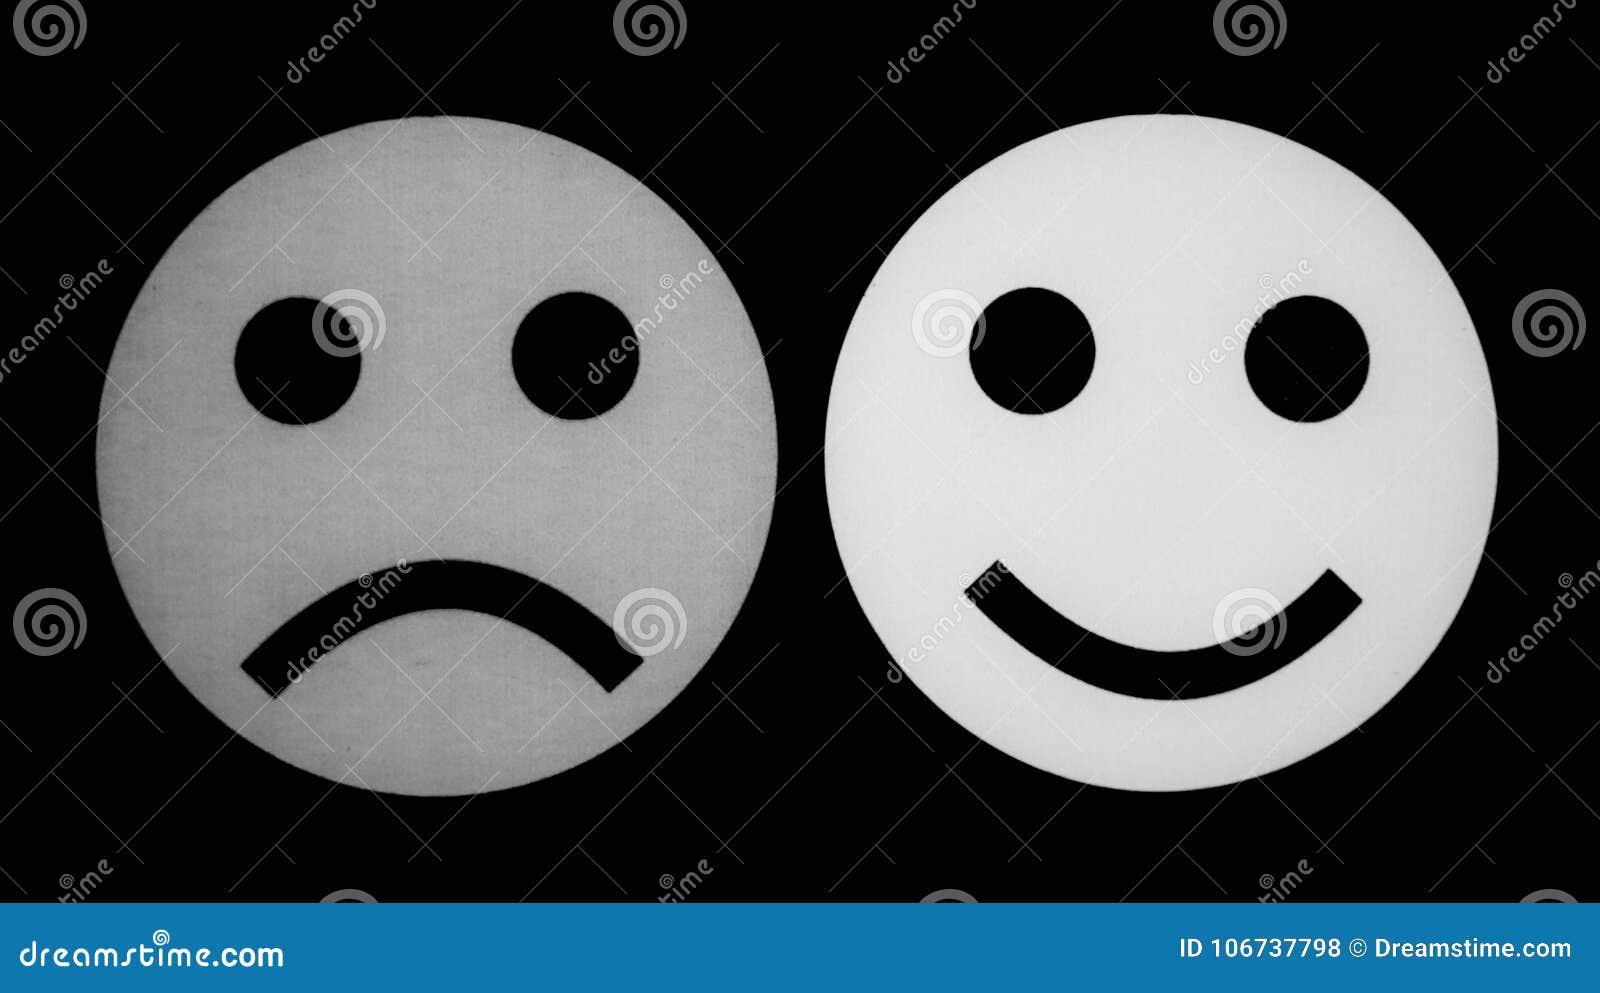 Cara Sonriente Blanco Y Negro Y Cara Triste Foto De Archivo Imagen De Cara Negro 106737798